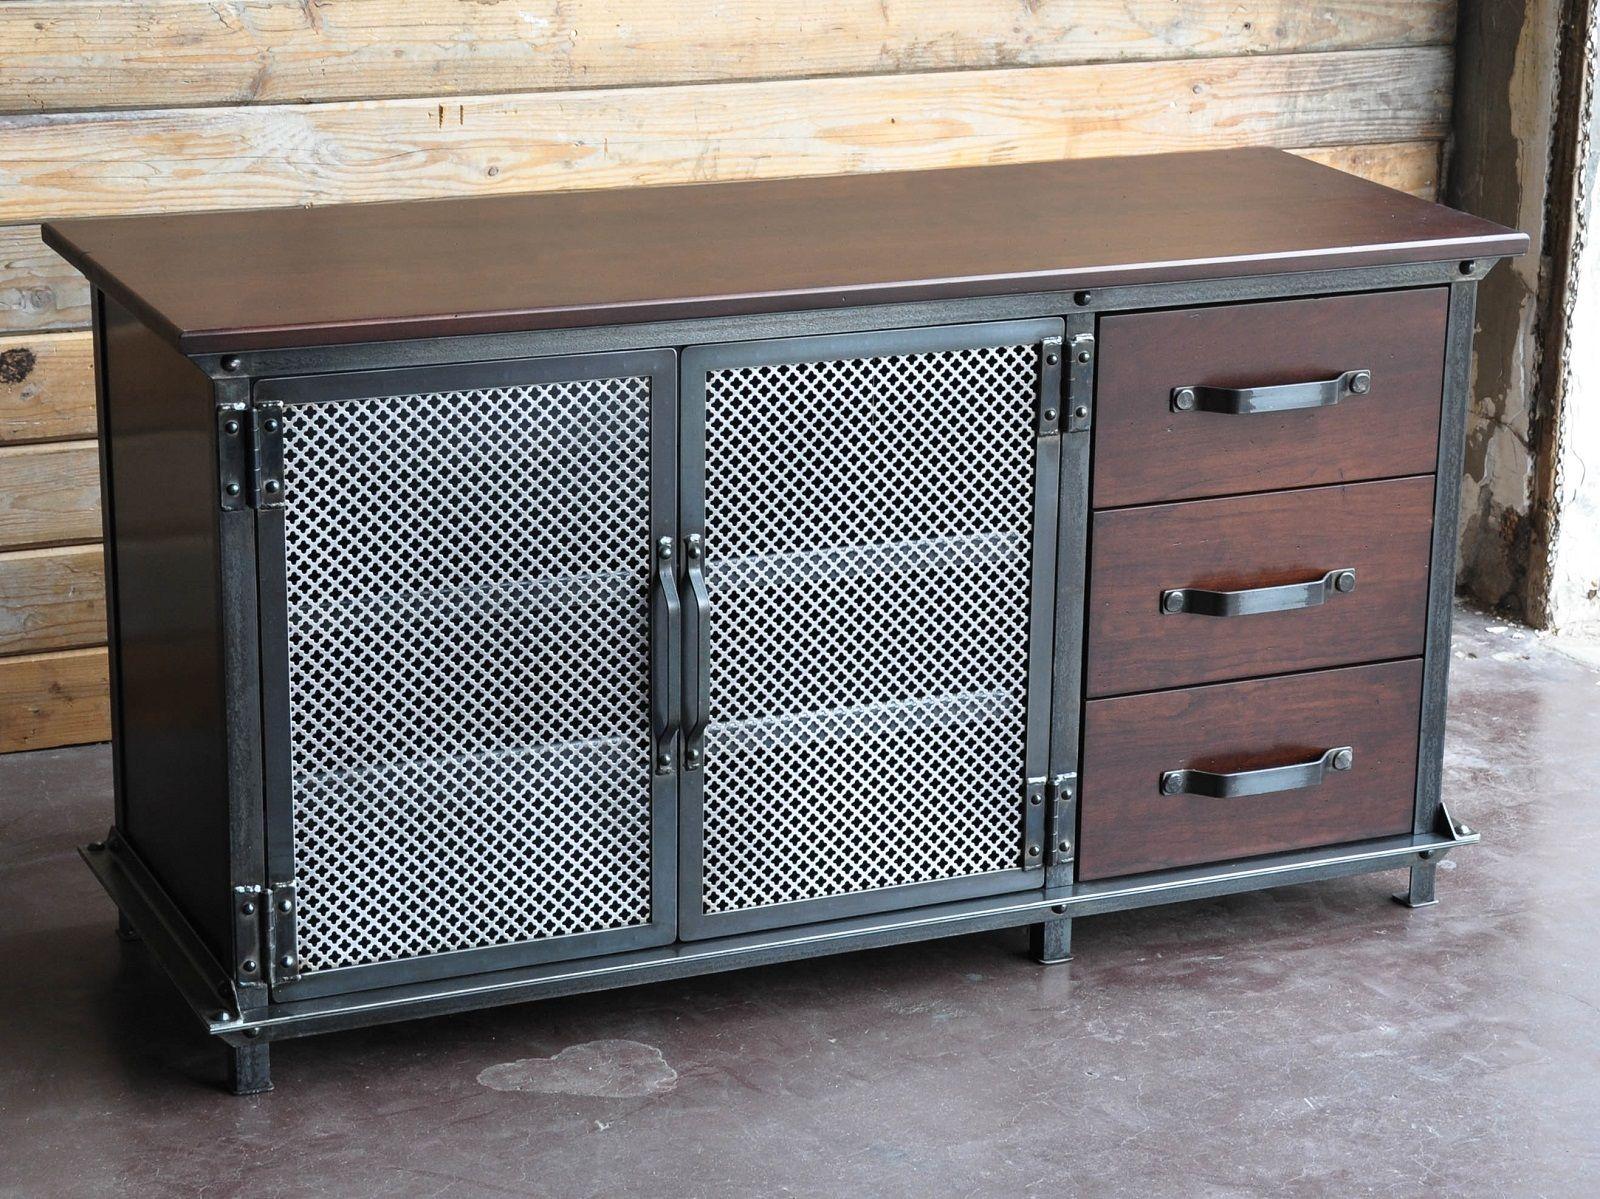 Ellis console with drawers ideas para el hogar muebles for Muebles industriales metal baratos